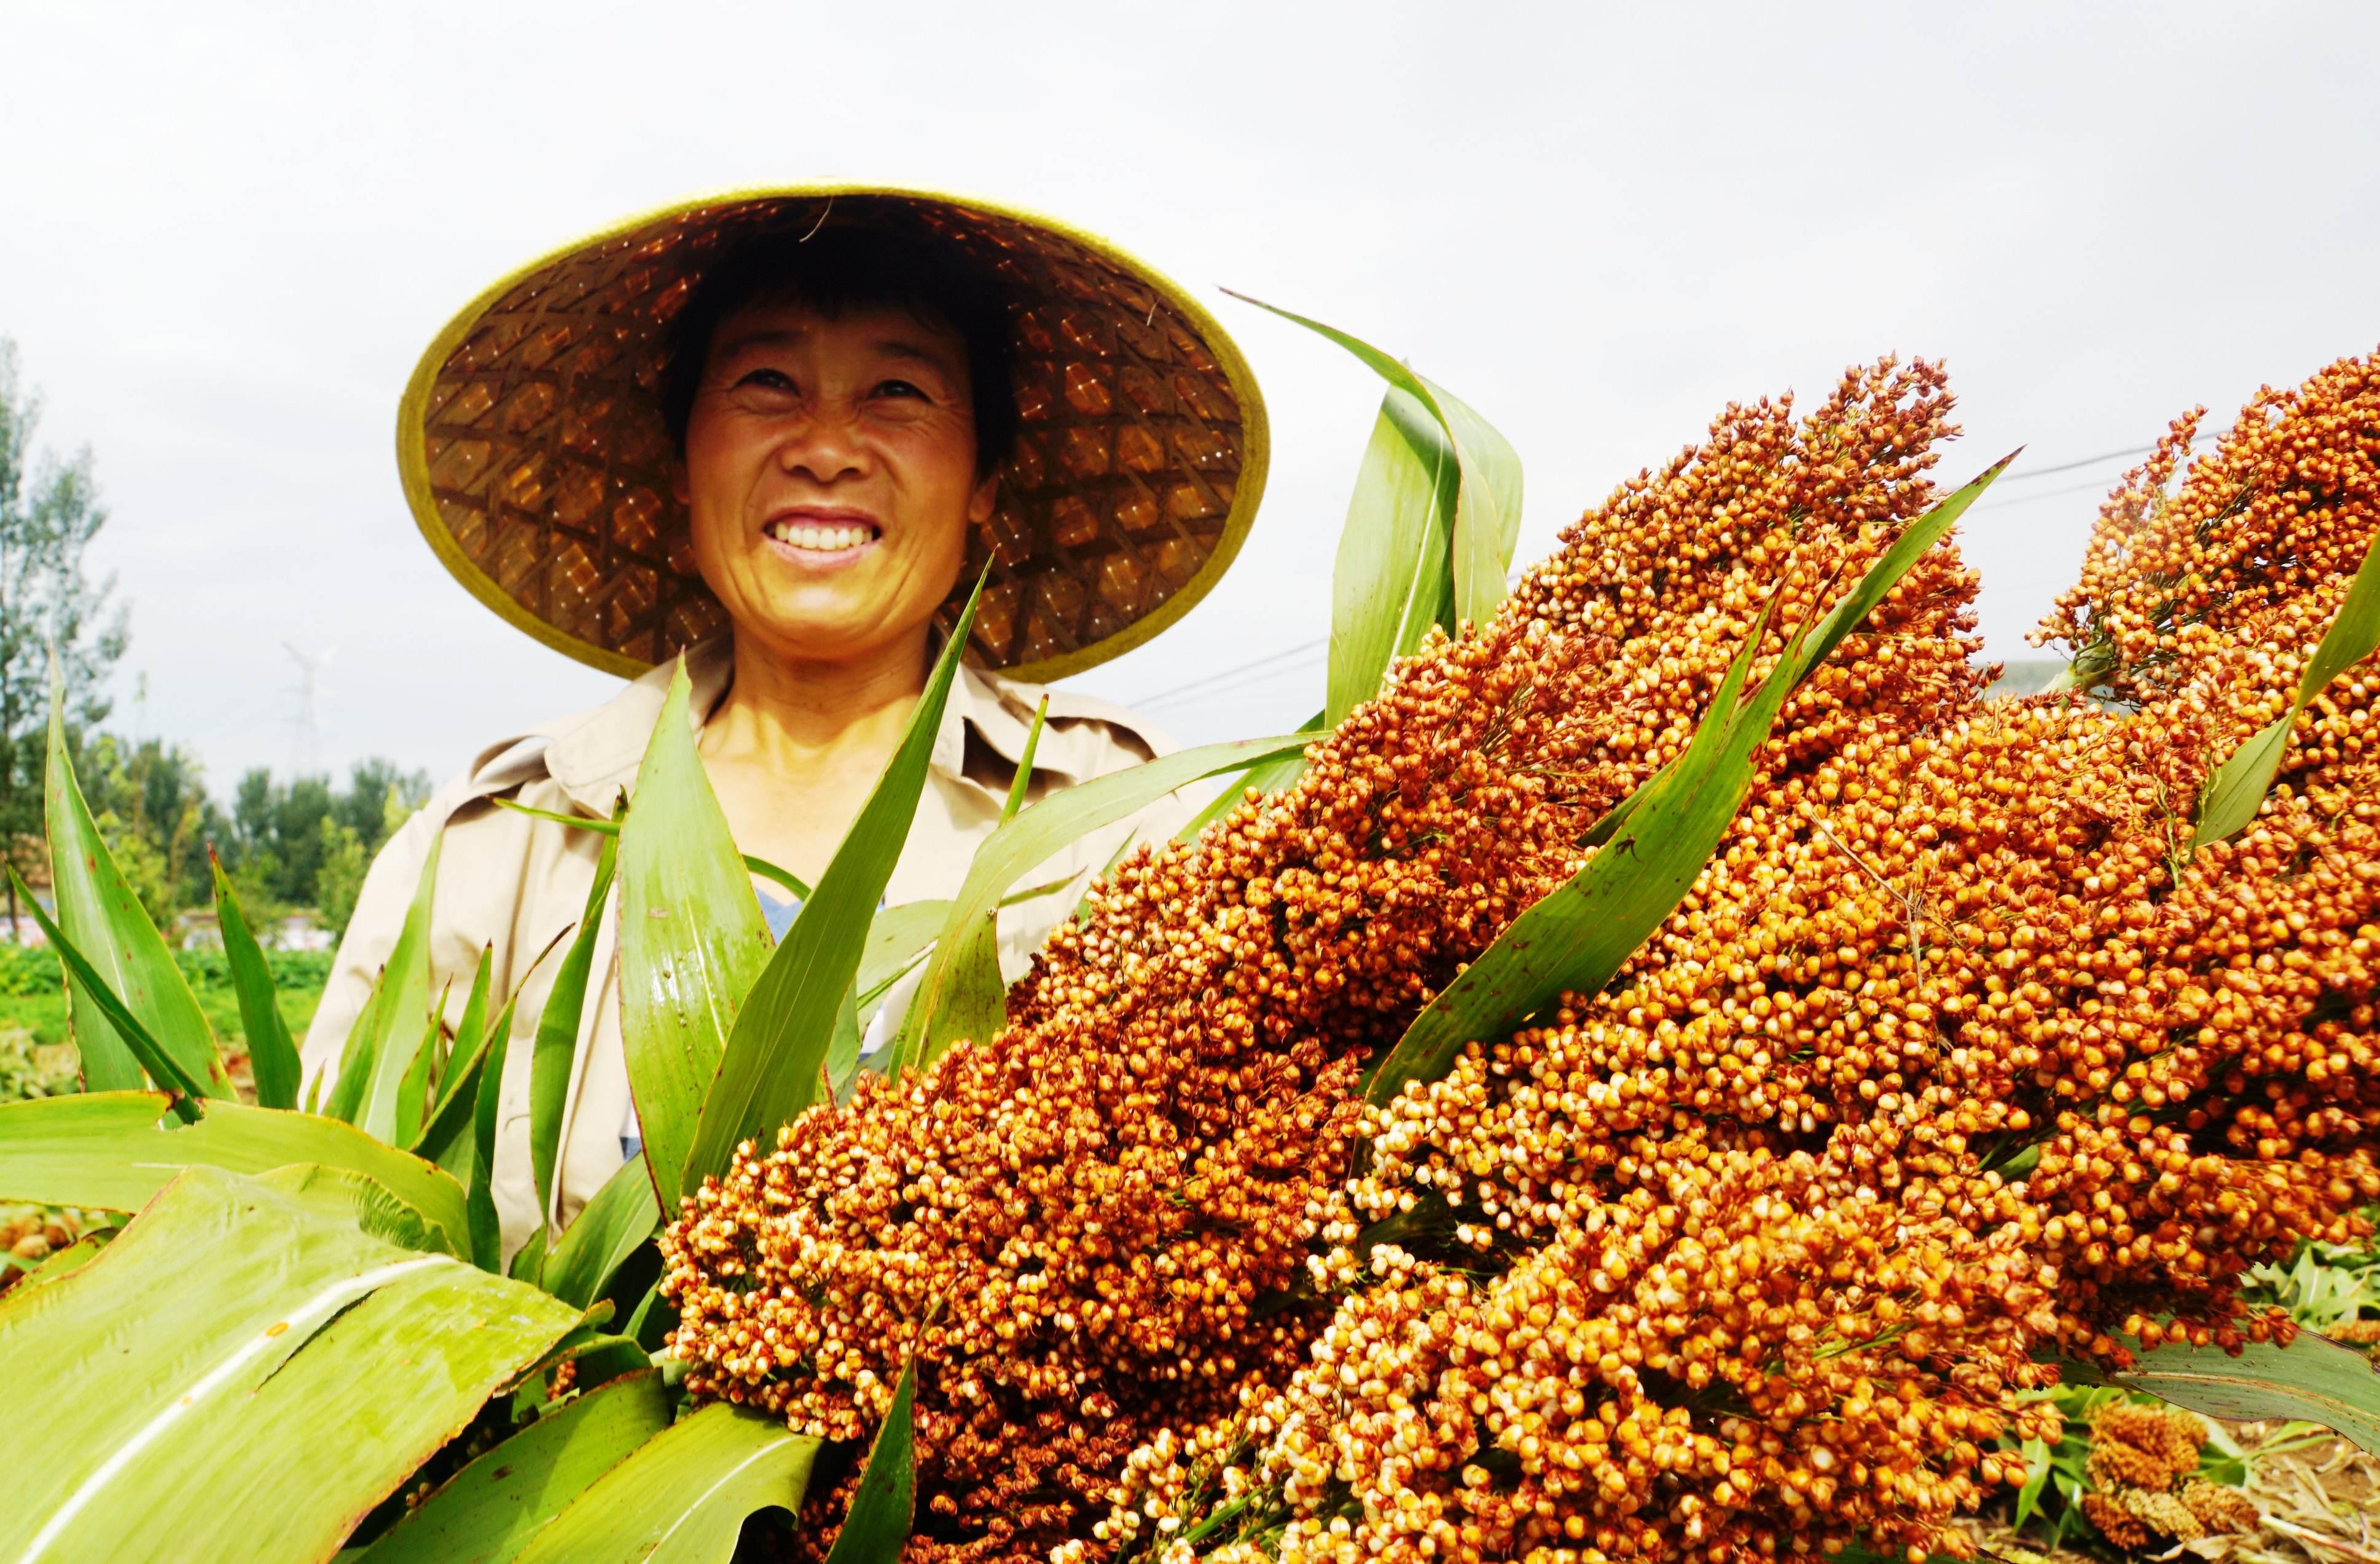 阿里京东联手打造农民丰收节,多家公司早已率先布局